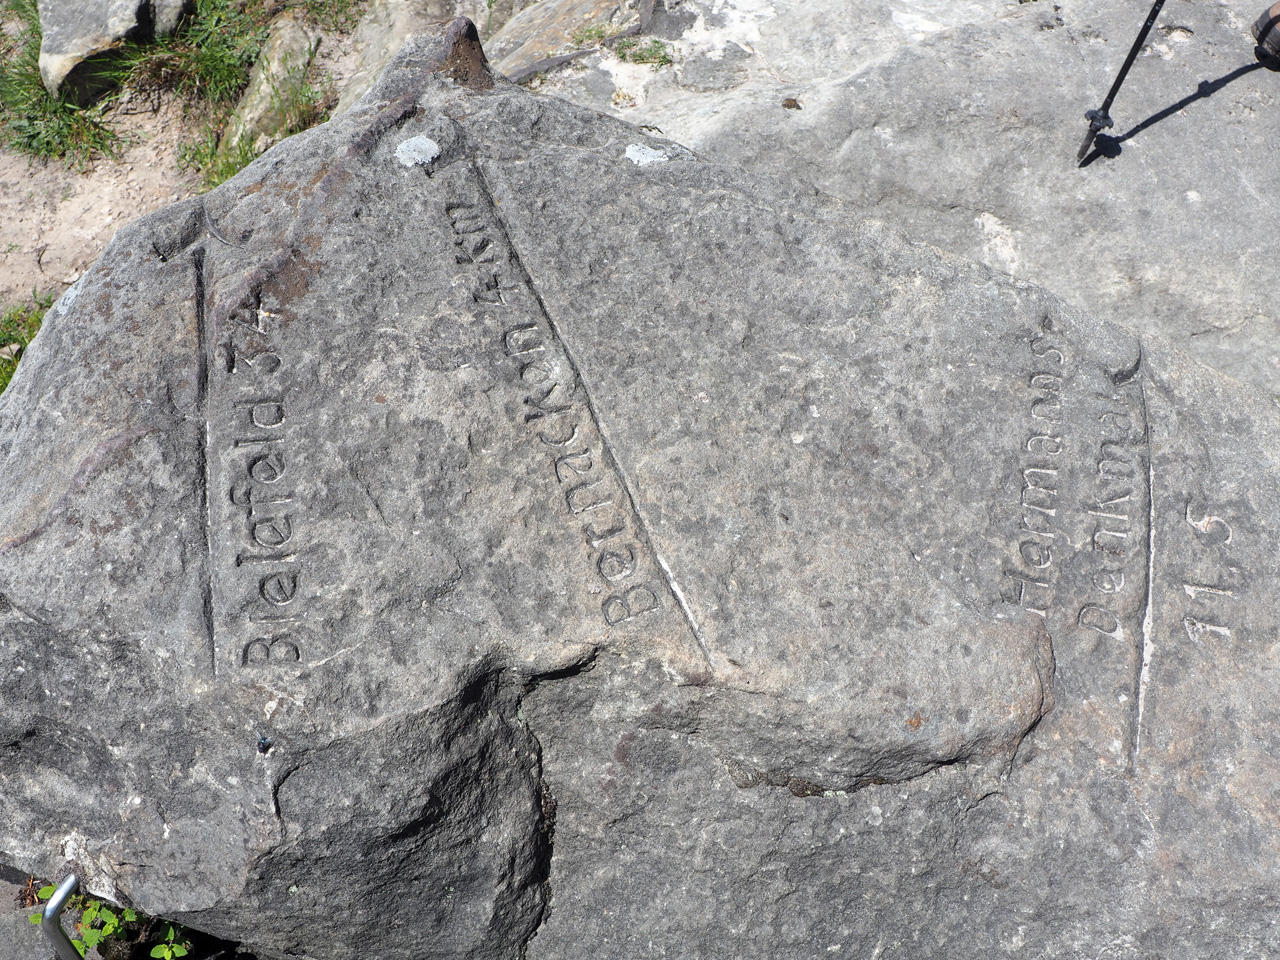 Toren in de steigers foto van Andries, toren gereed foto's van Wouter en Fabiola